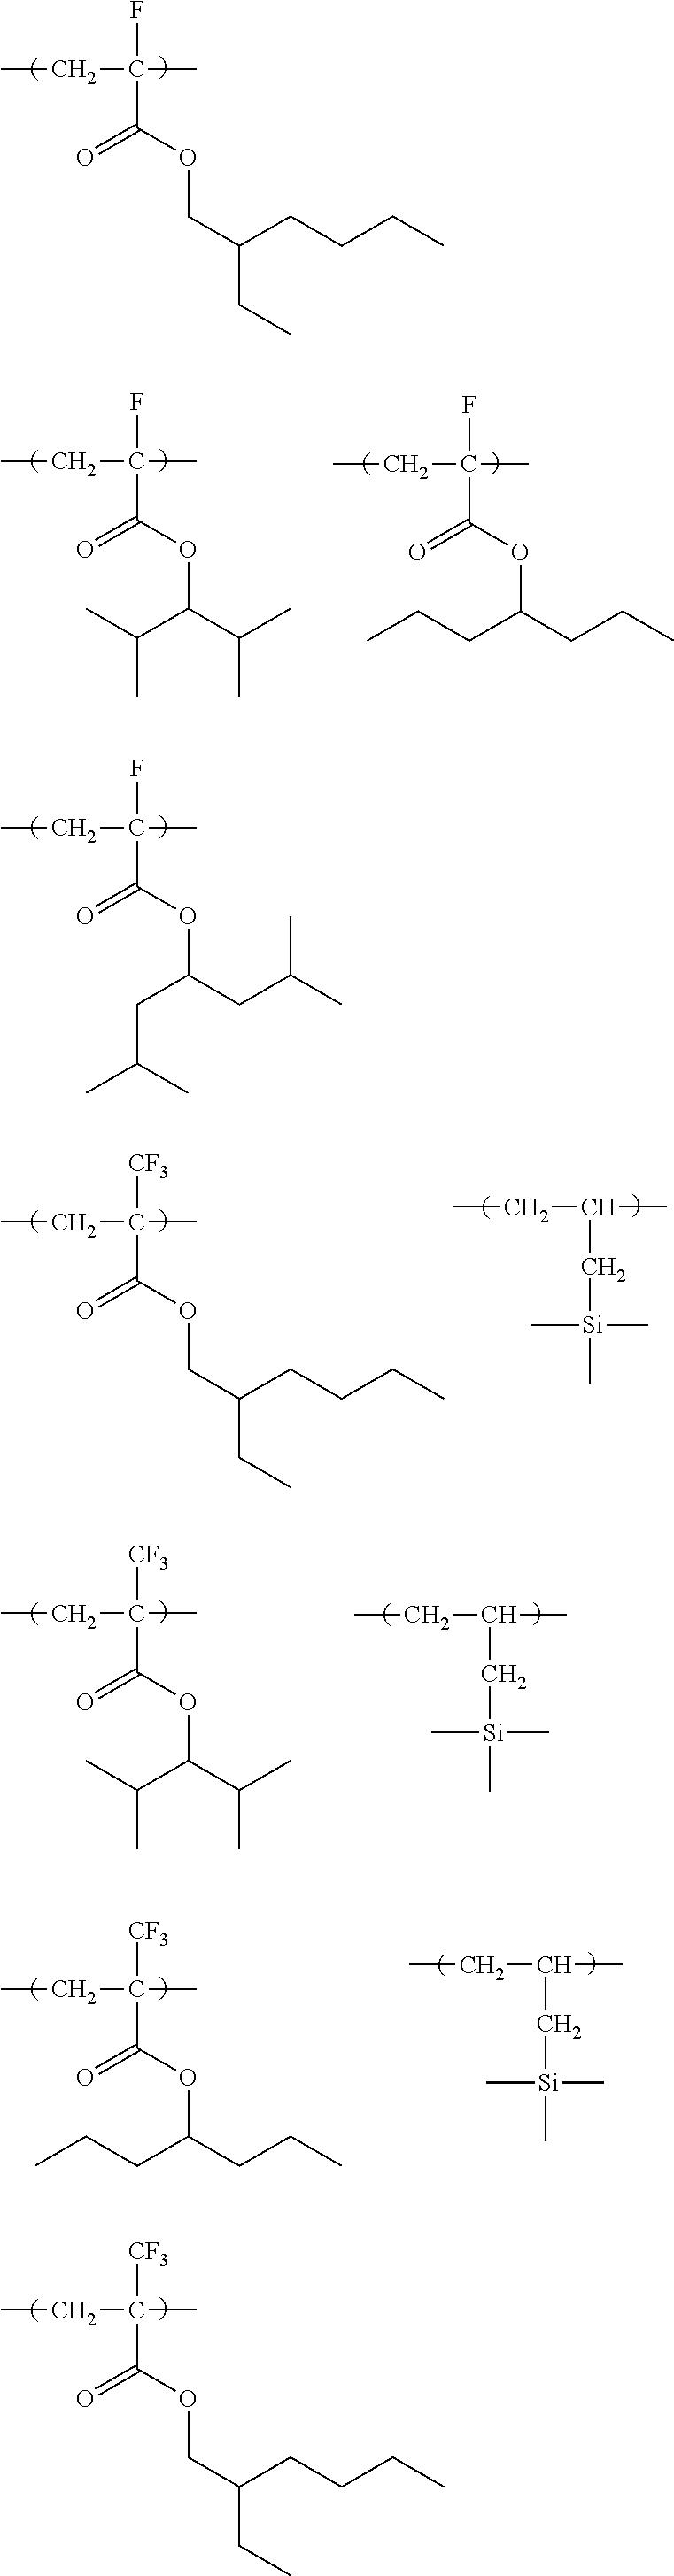 Figure US08637229-20140128-C00077